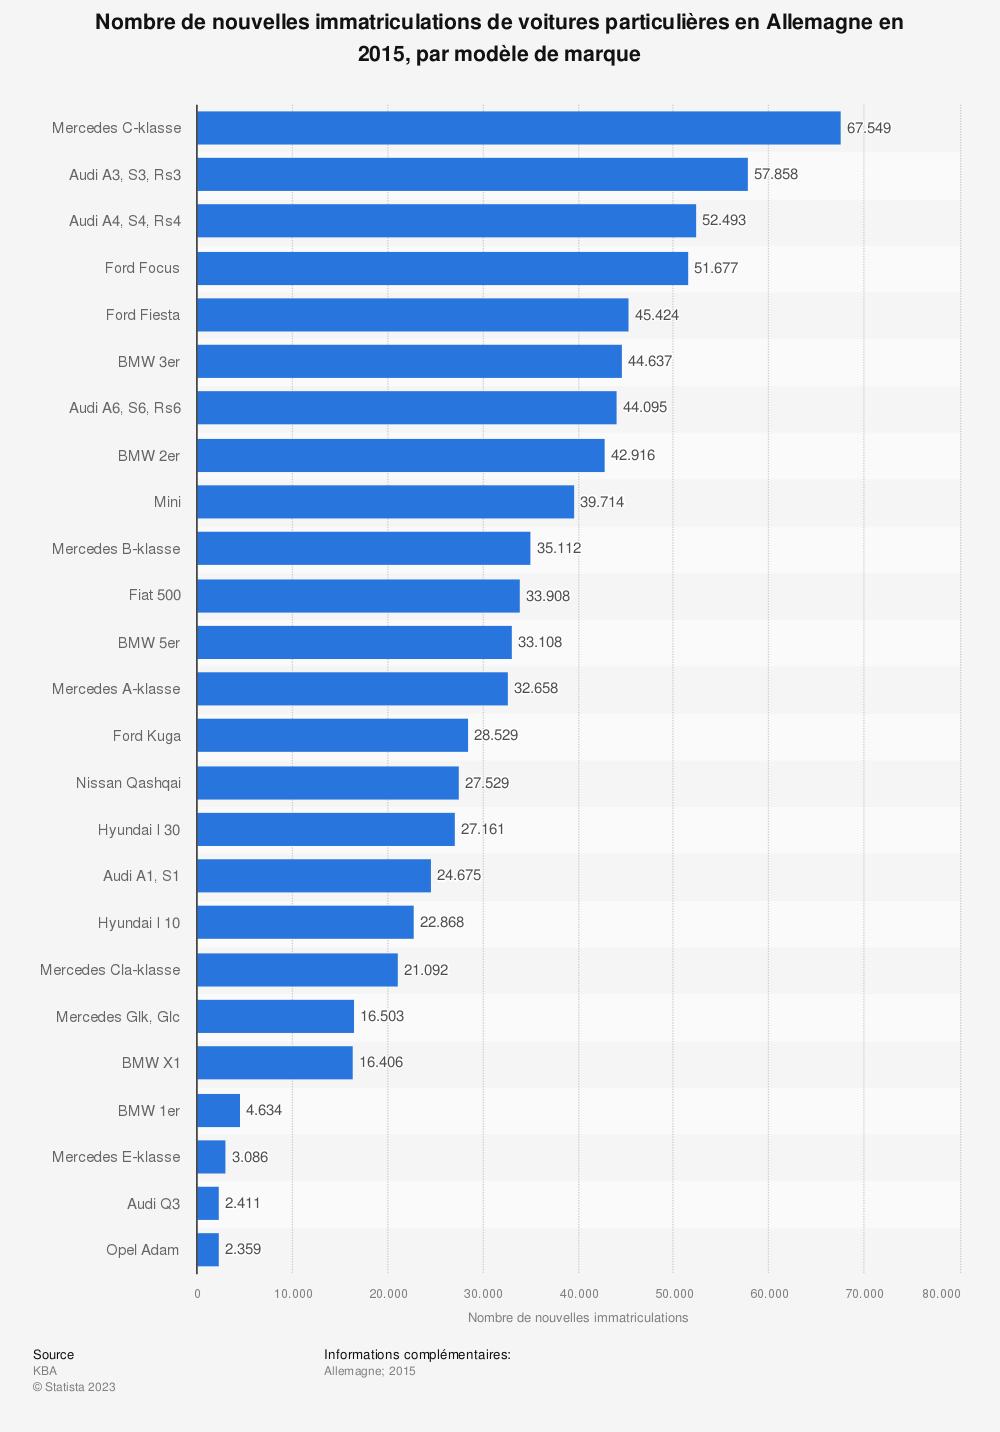 Statistique: Nombre de nouvelles immatriculations de voitures particulières en Allemagne en 2015, par modèle de marque | Statista